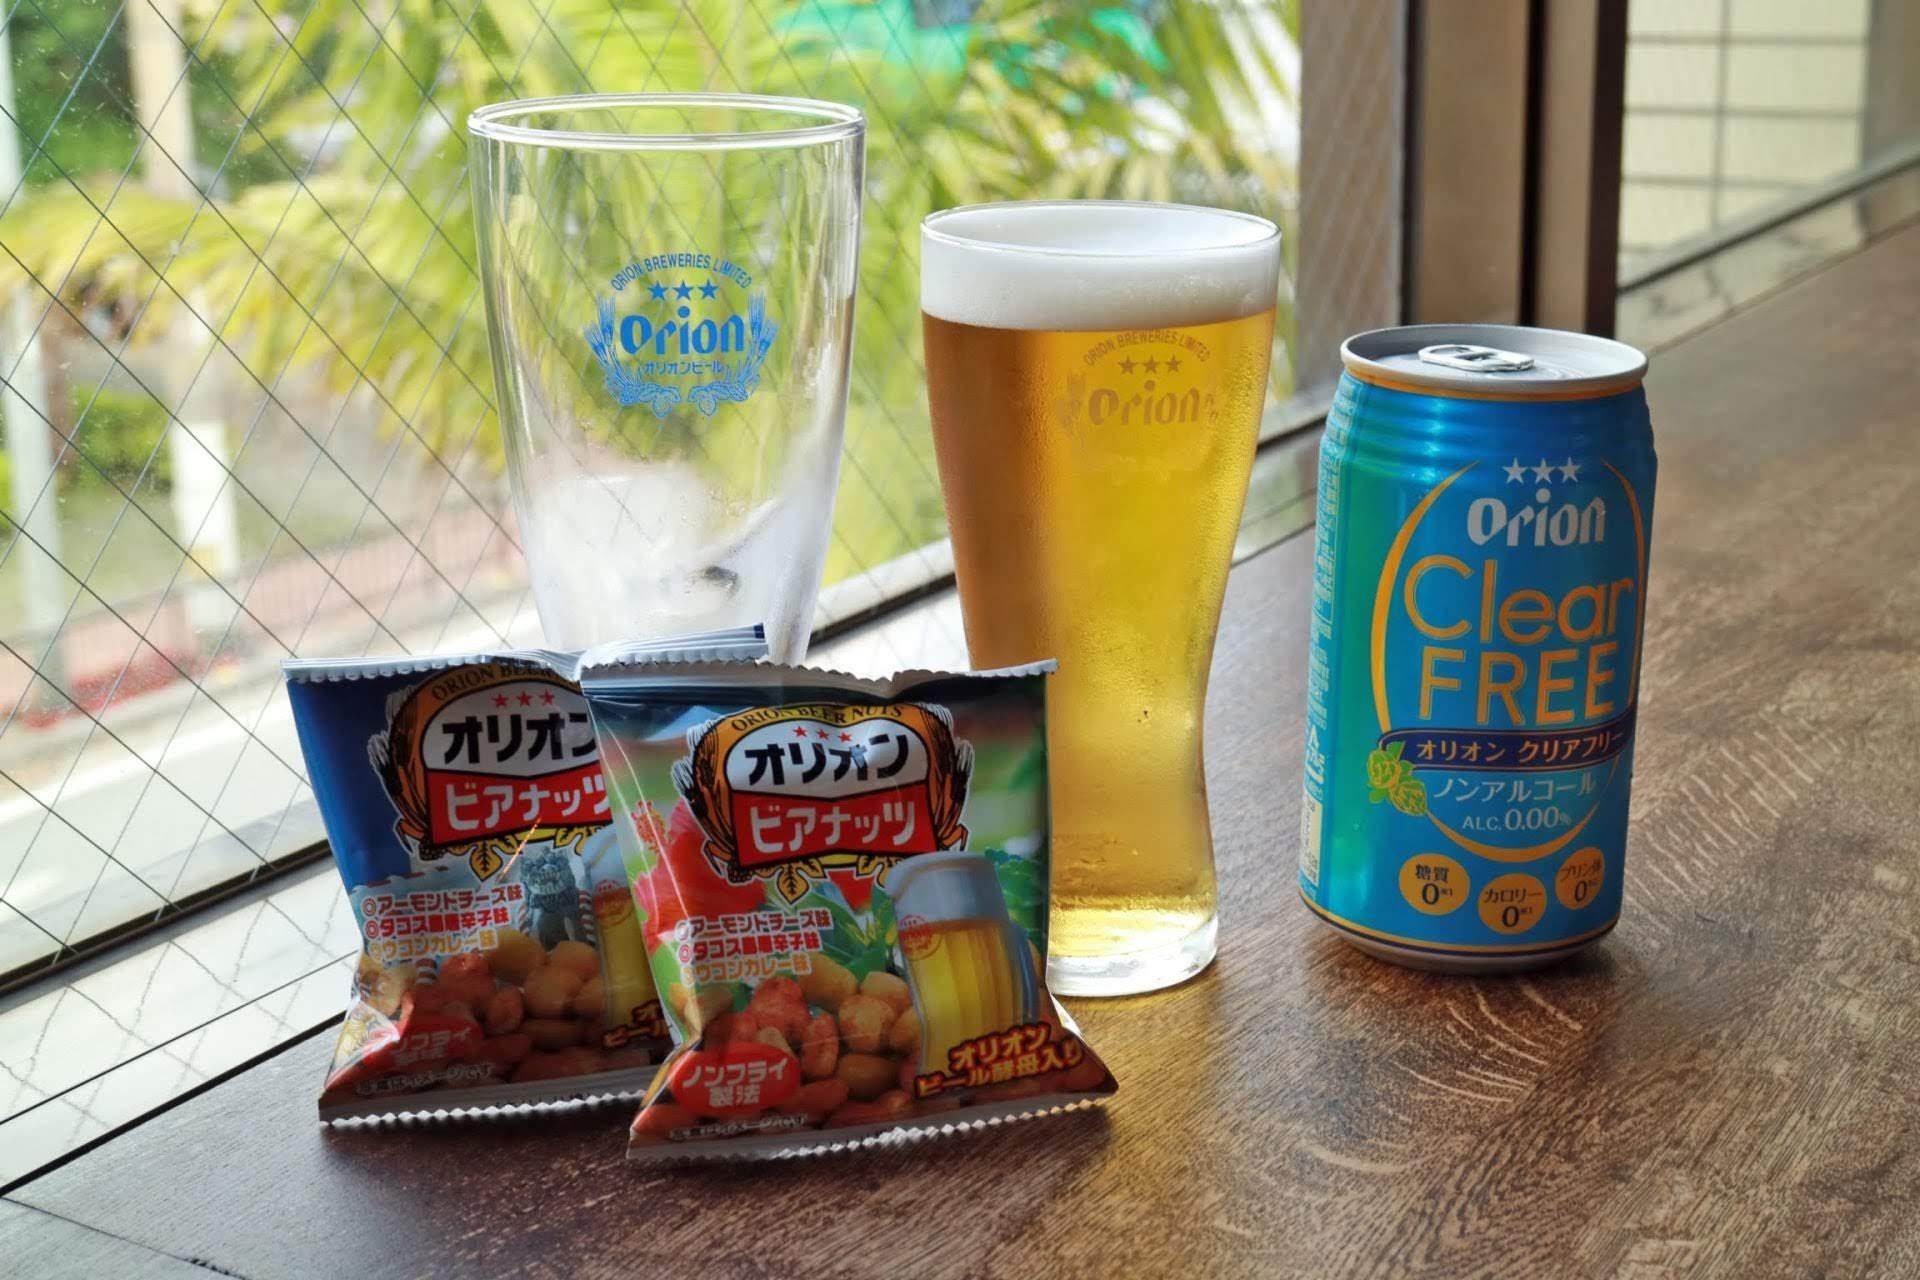 オリオン ビール 夏 9月 10月 値下げ 安い 安く 沖縄 旅行 お得 安価